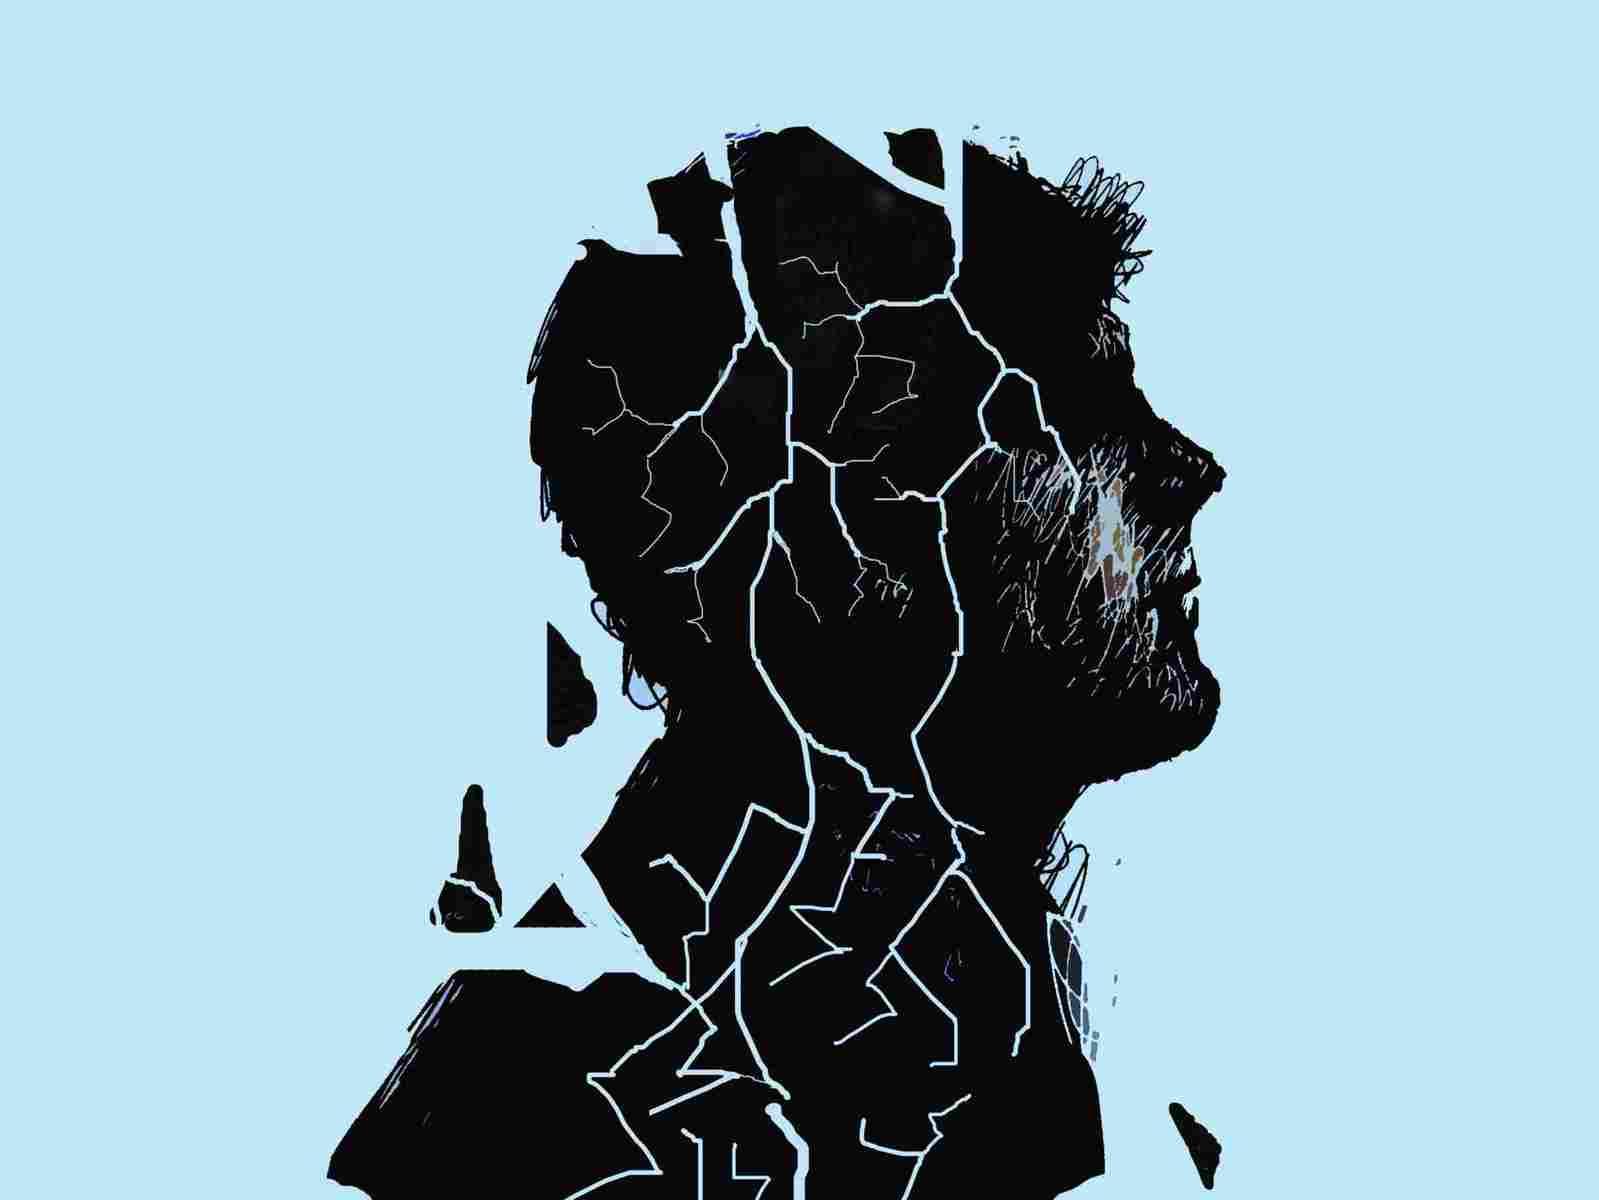 مصحة نفسية لعلاج الاكتئاب